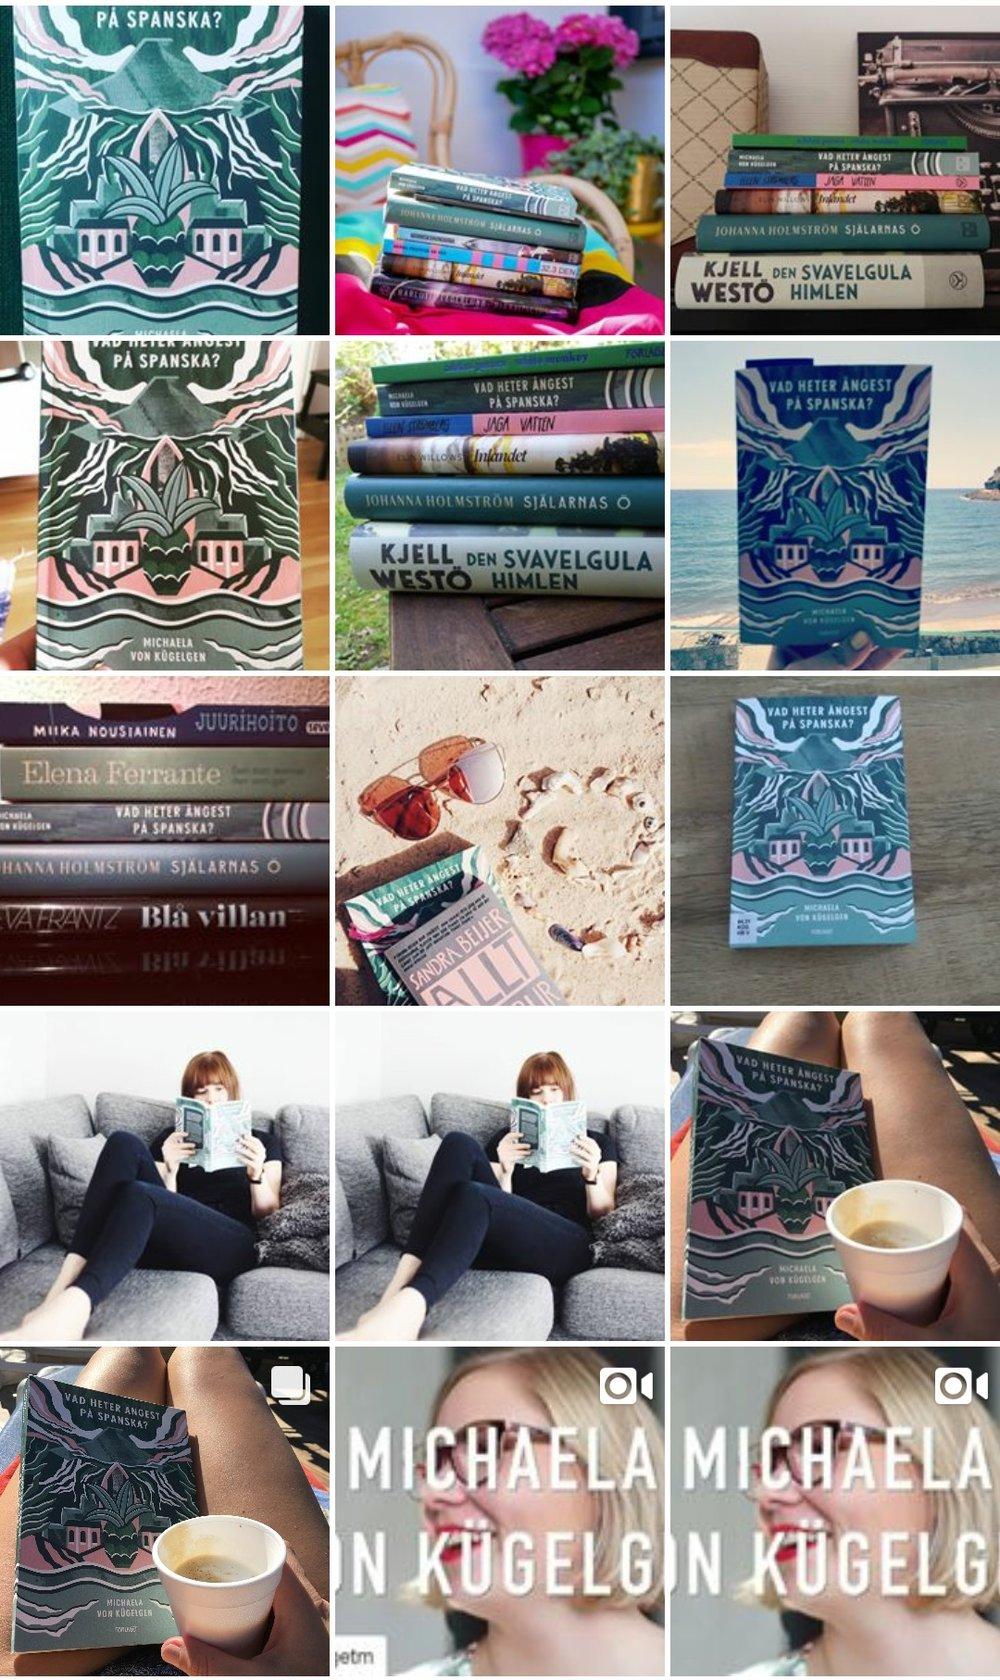 Bilder under hashtaggen #vadheterångestpåspanska på Instagram.